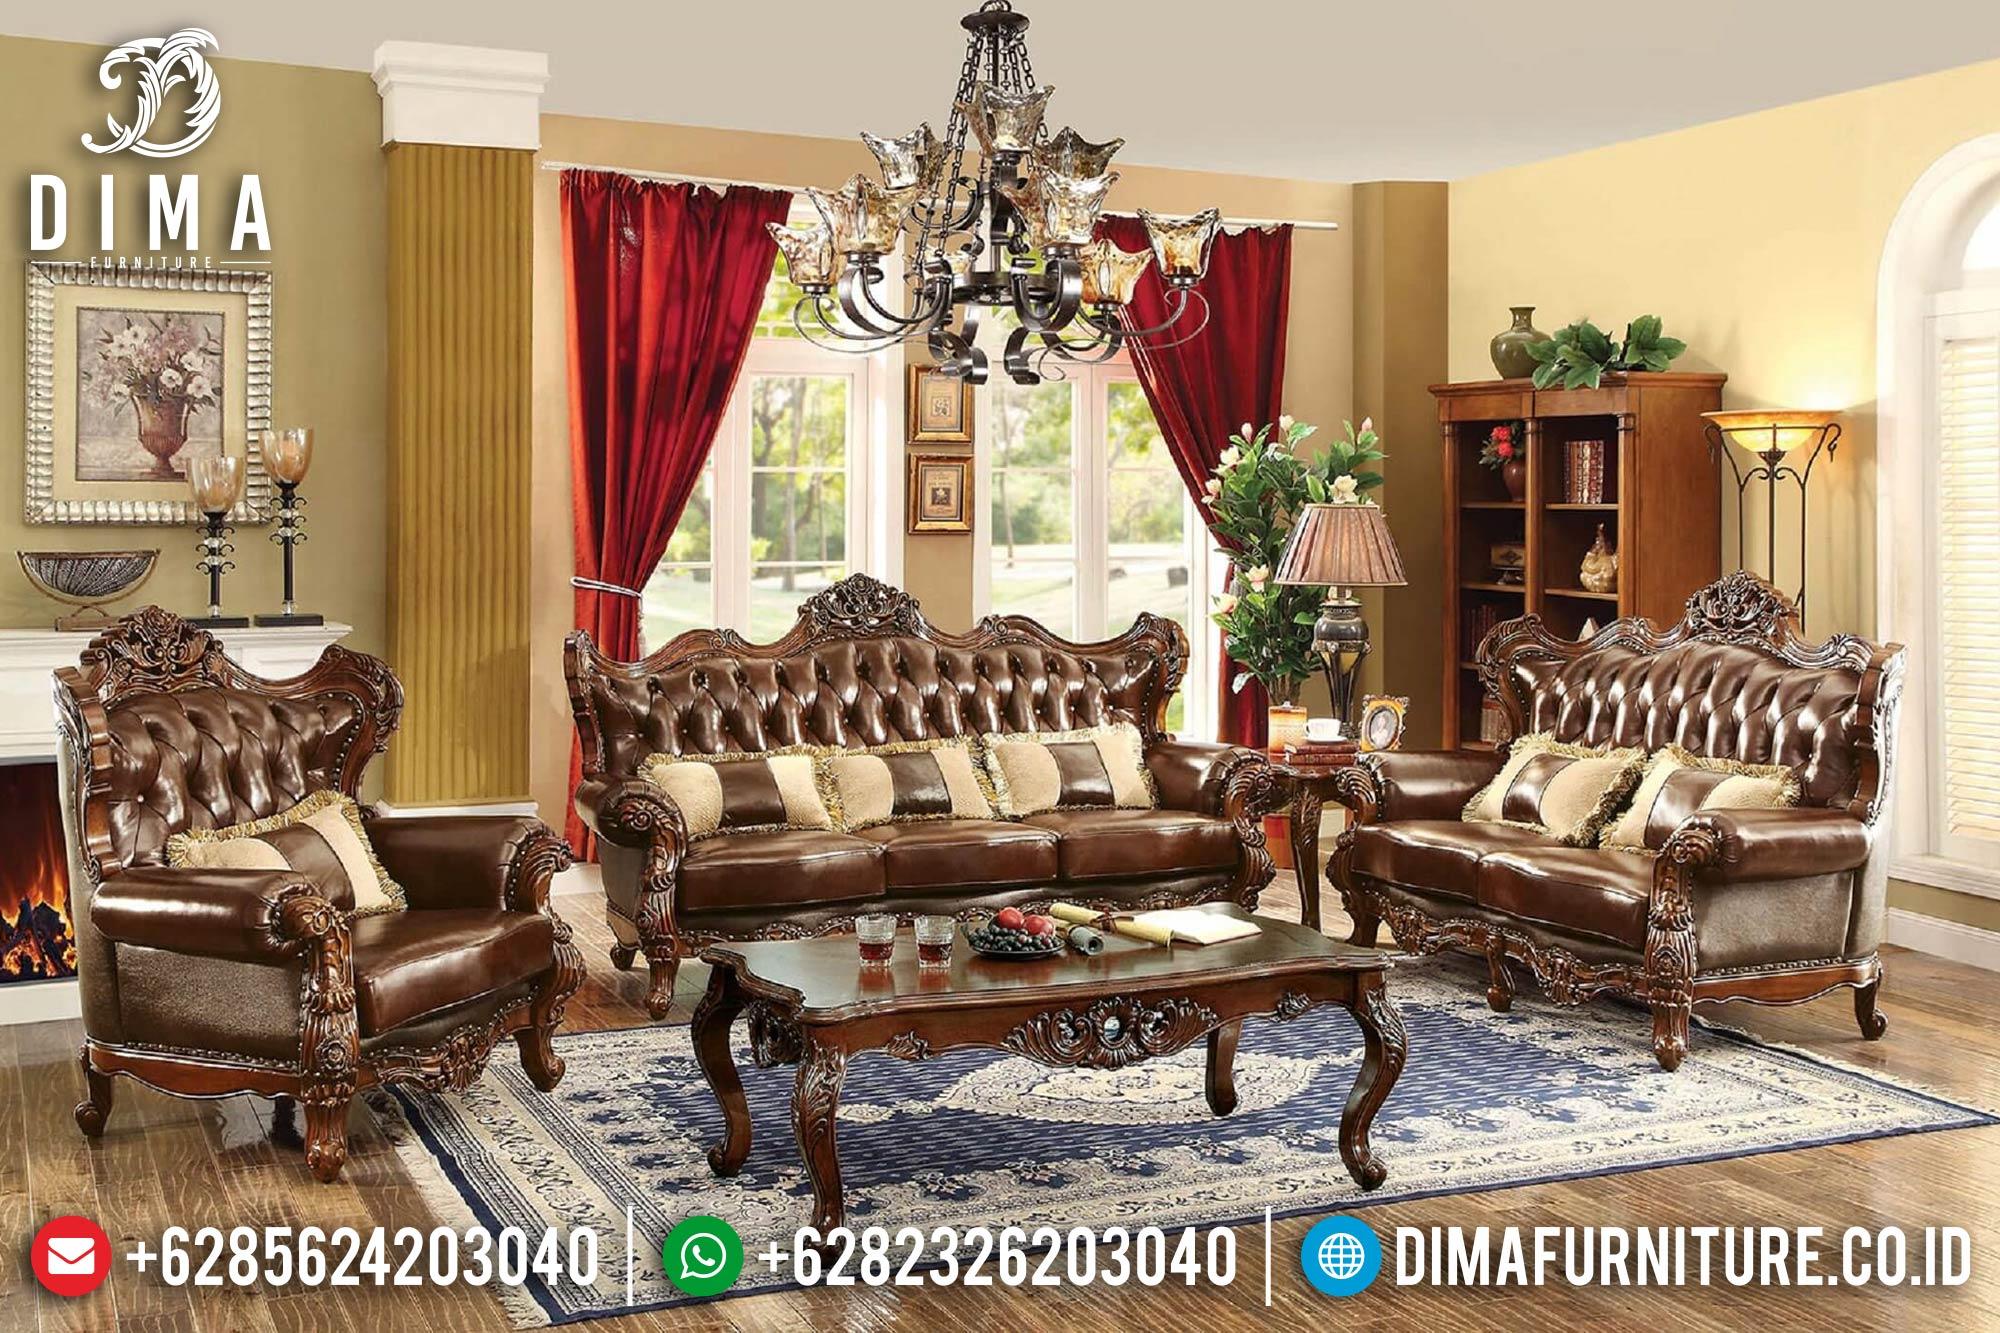 Sofa Tamu Jepara Mewah Minimalis Terbaru 19 Dima Furniture Jepara